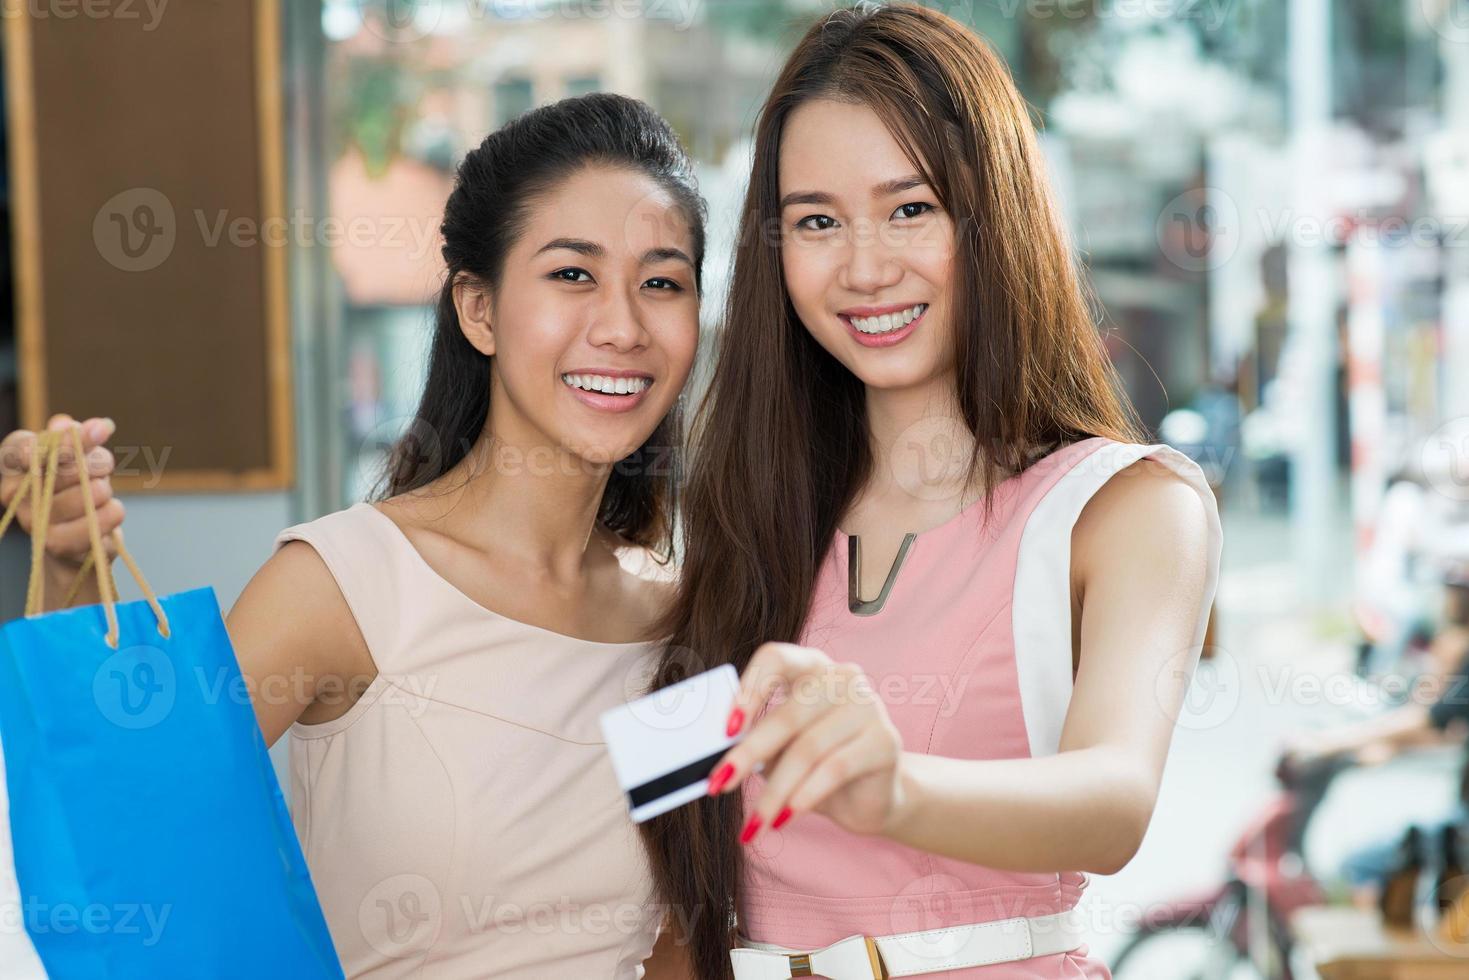 compras con tarjeta de crédito foto